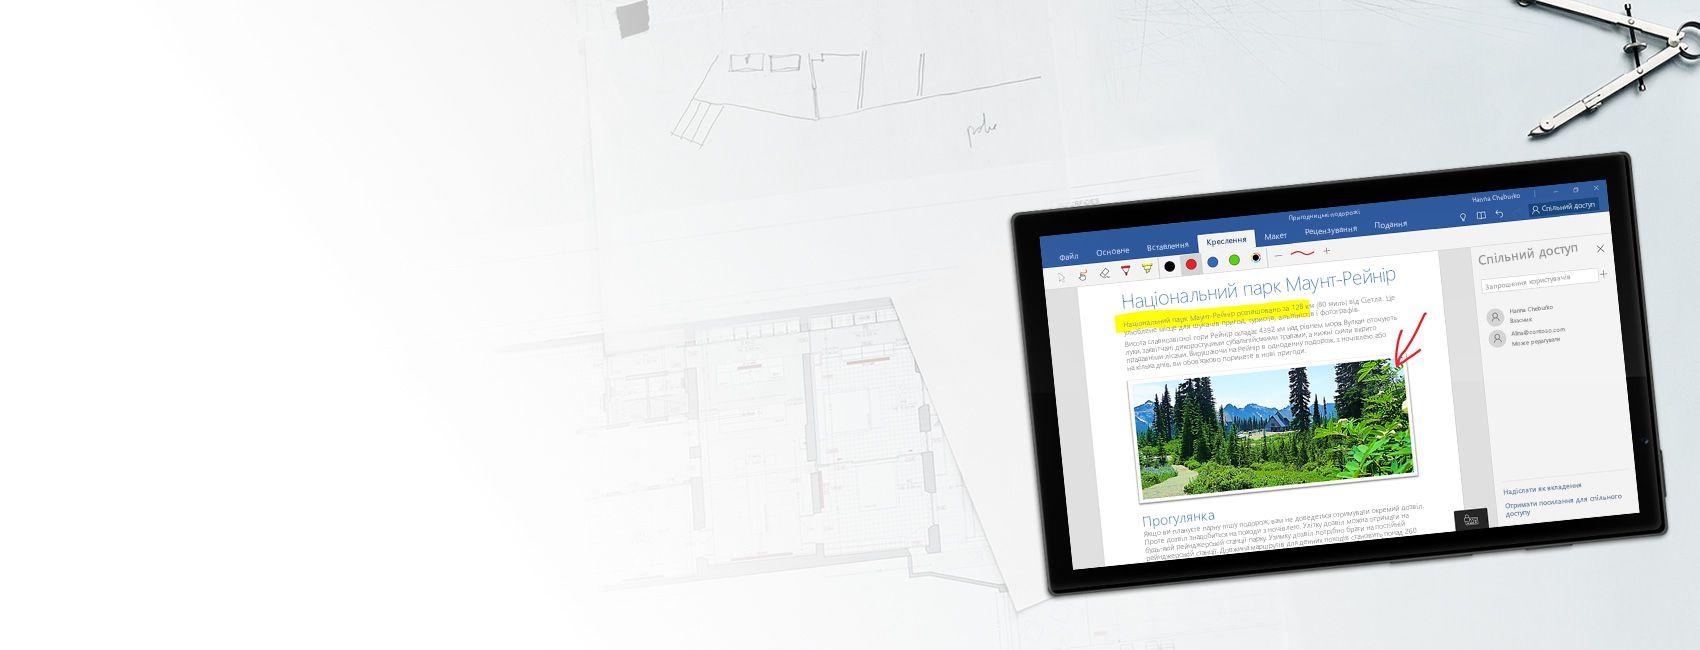 Планшет із Windows, на якому відкрито документ Word із відомостями про Національний парк Маунт-Рейнір у програмі Word для Windows 10 Mobile